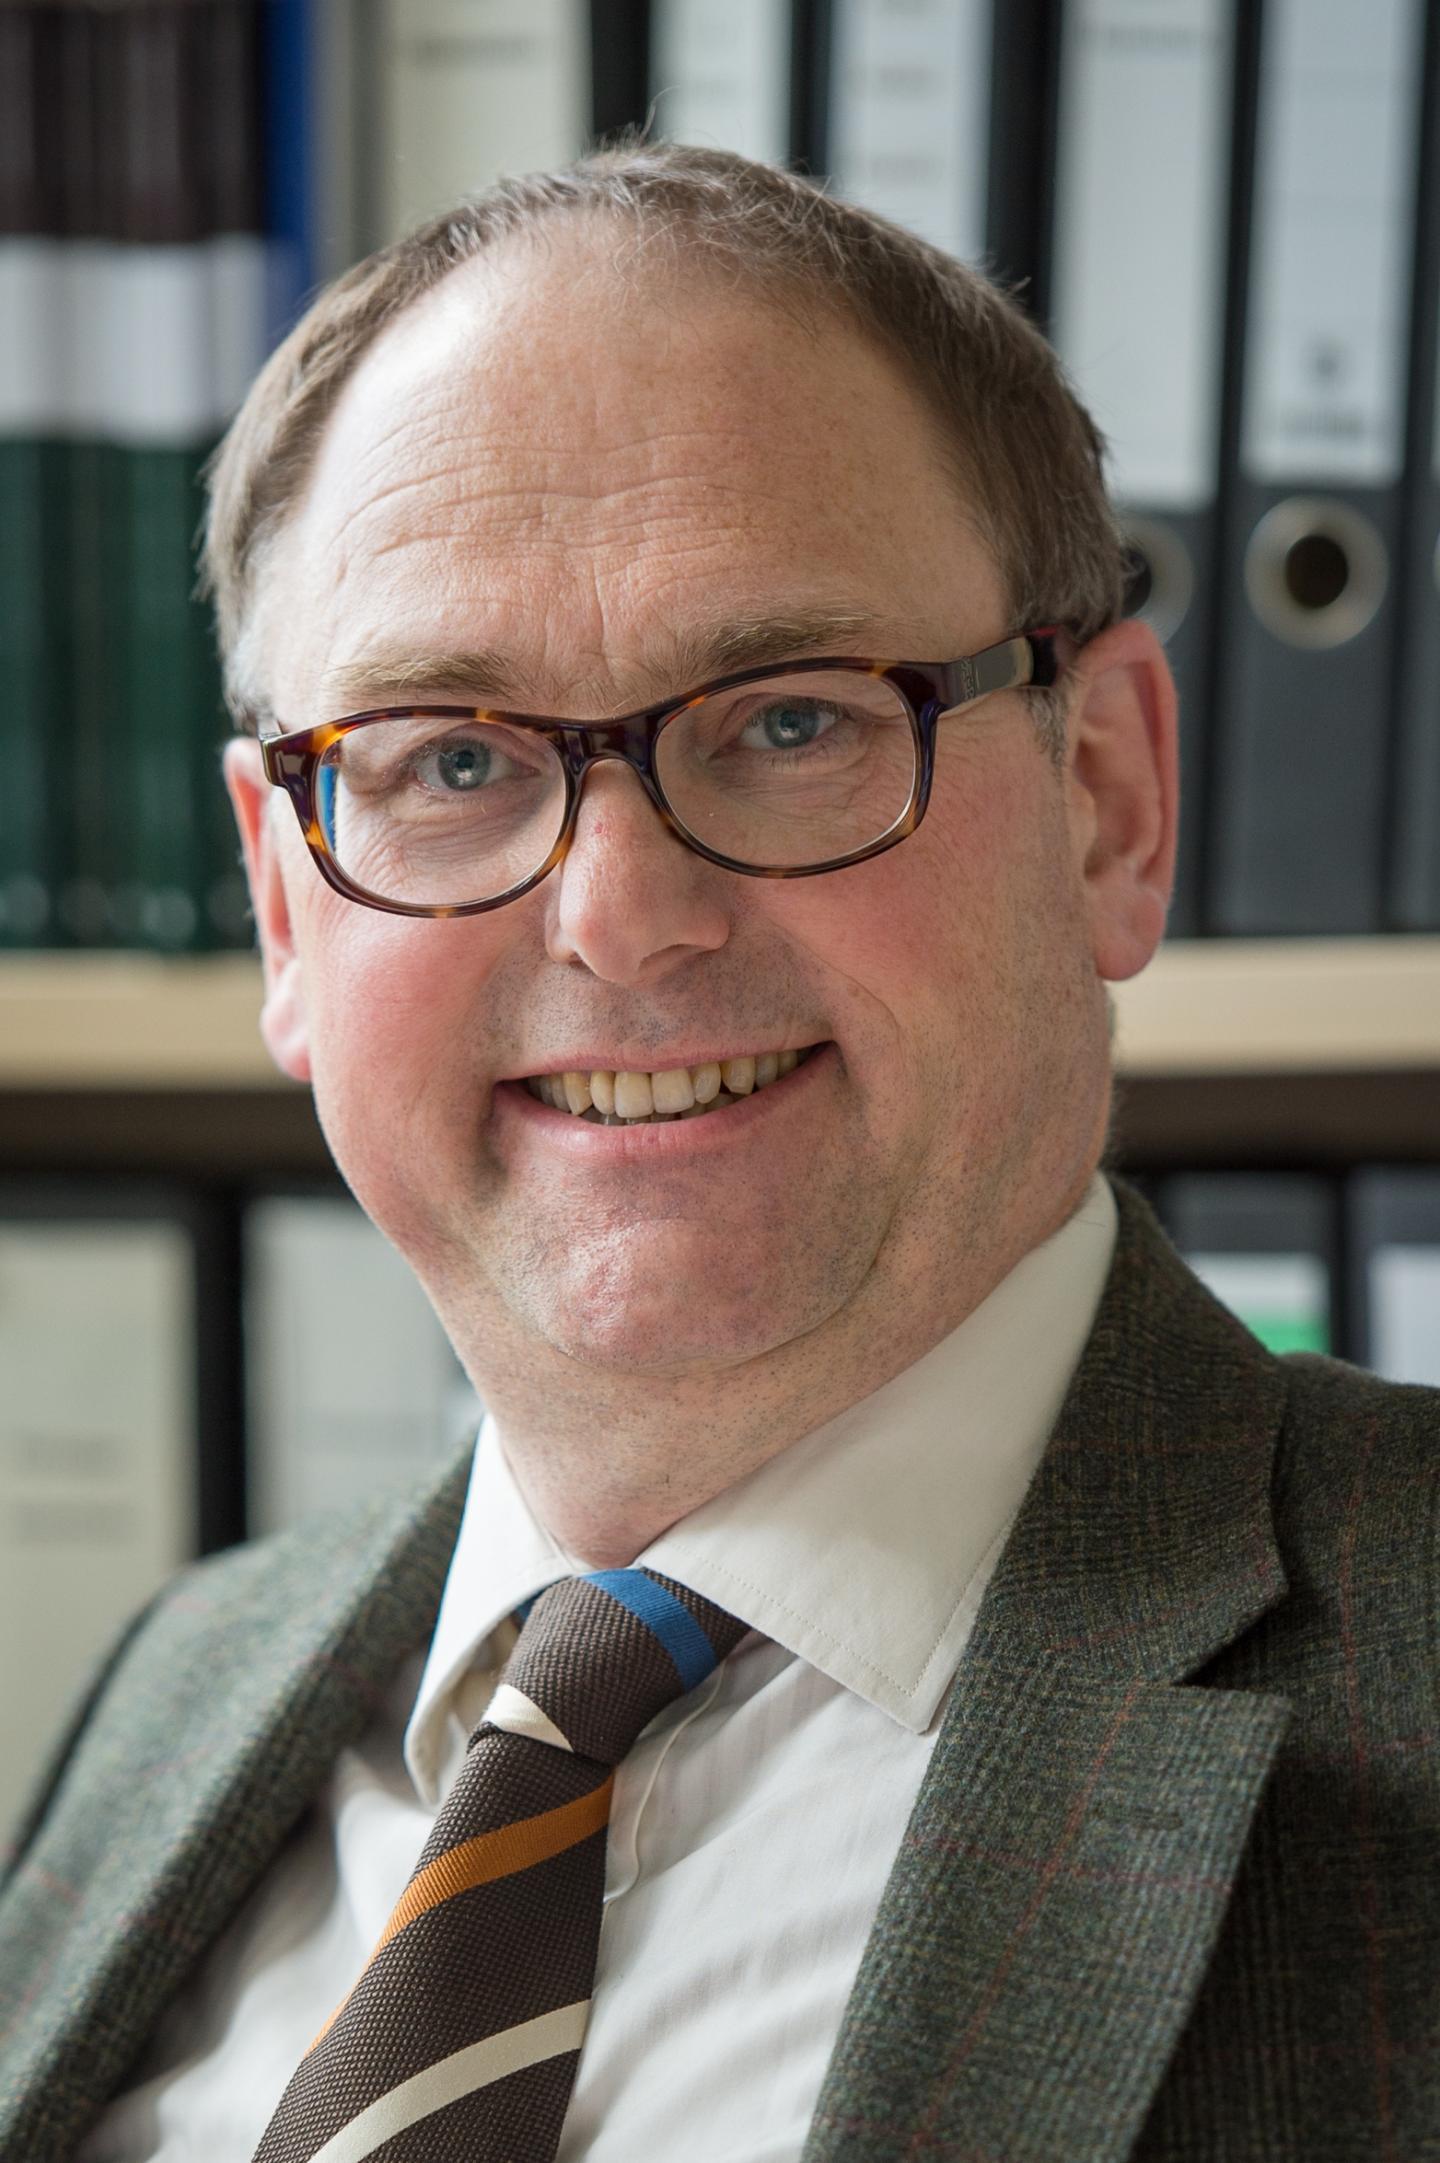 Gerhard Blickle, University of Bonn